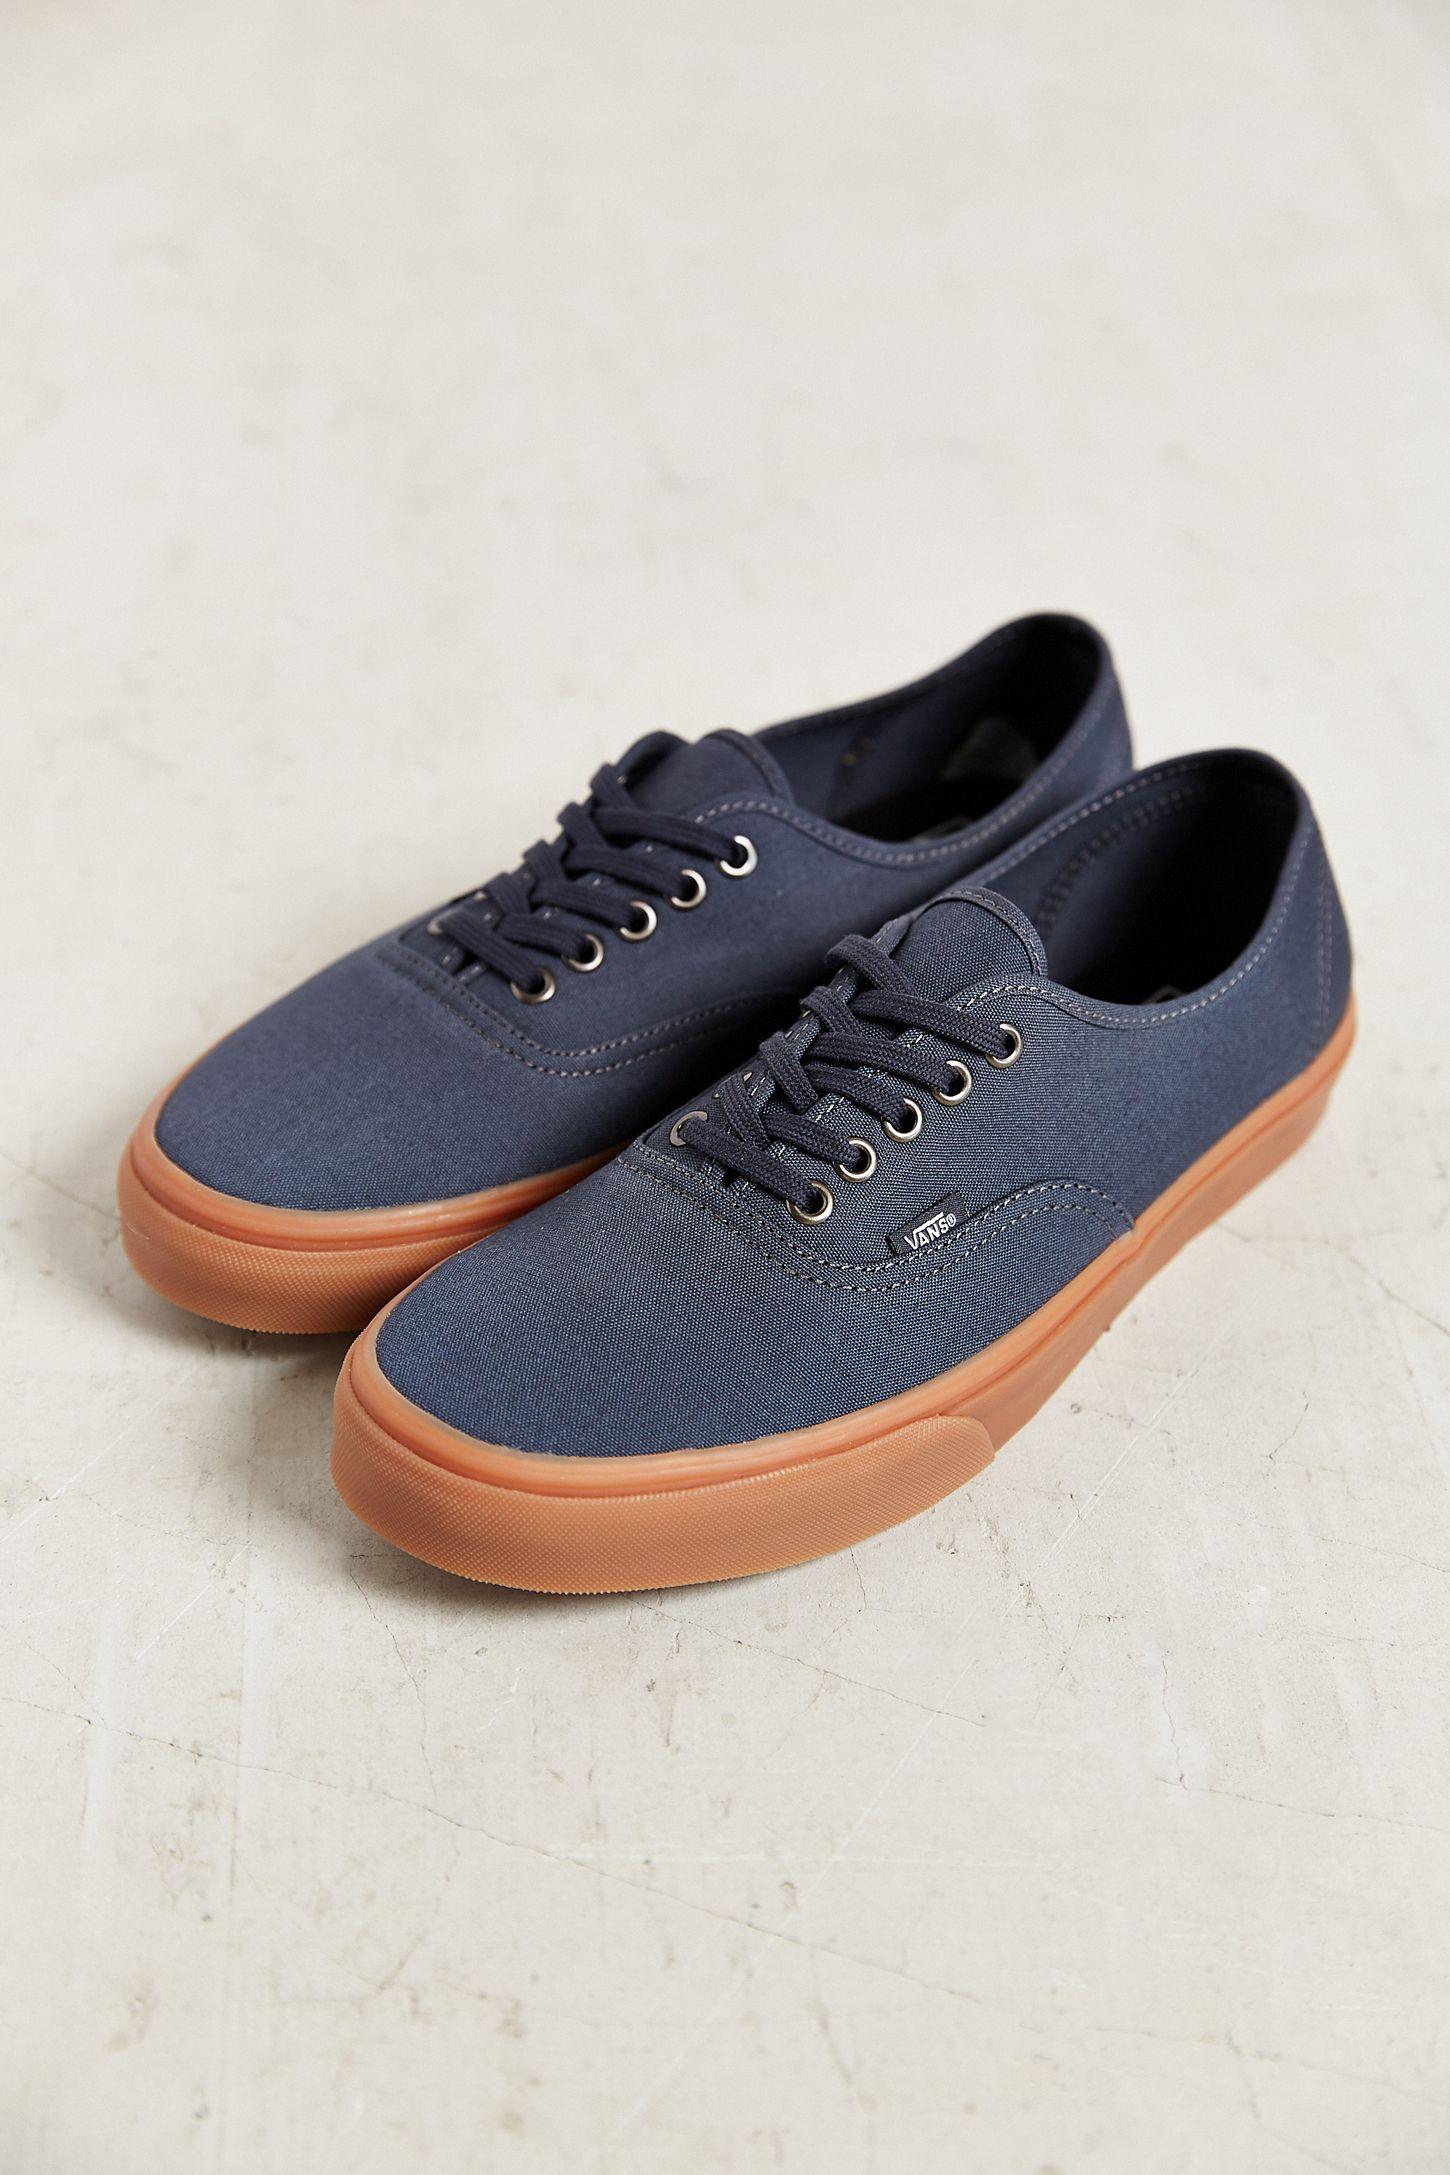 04b1c5e7d7 Vans Authentic Gum Sole Sneaker